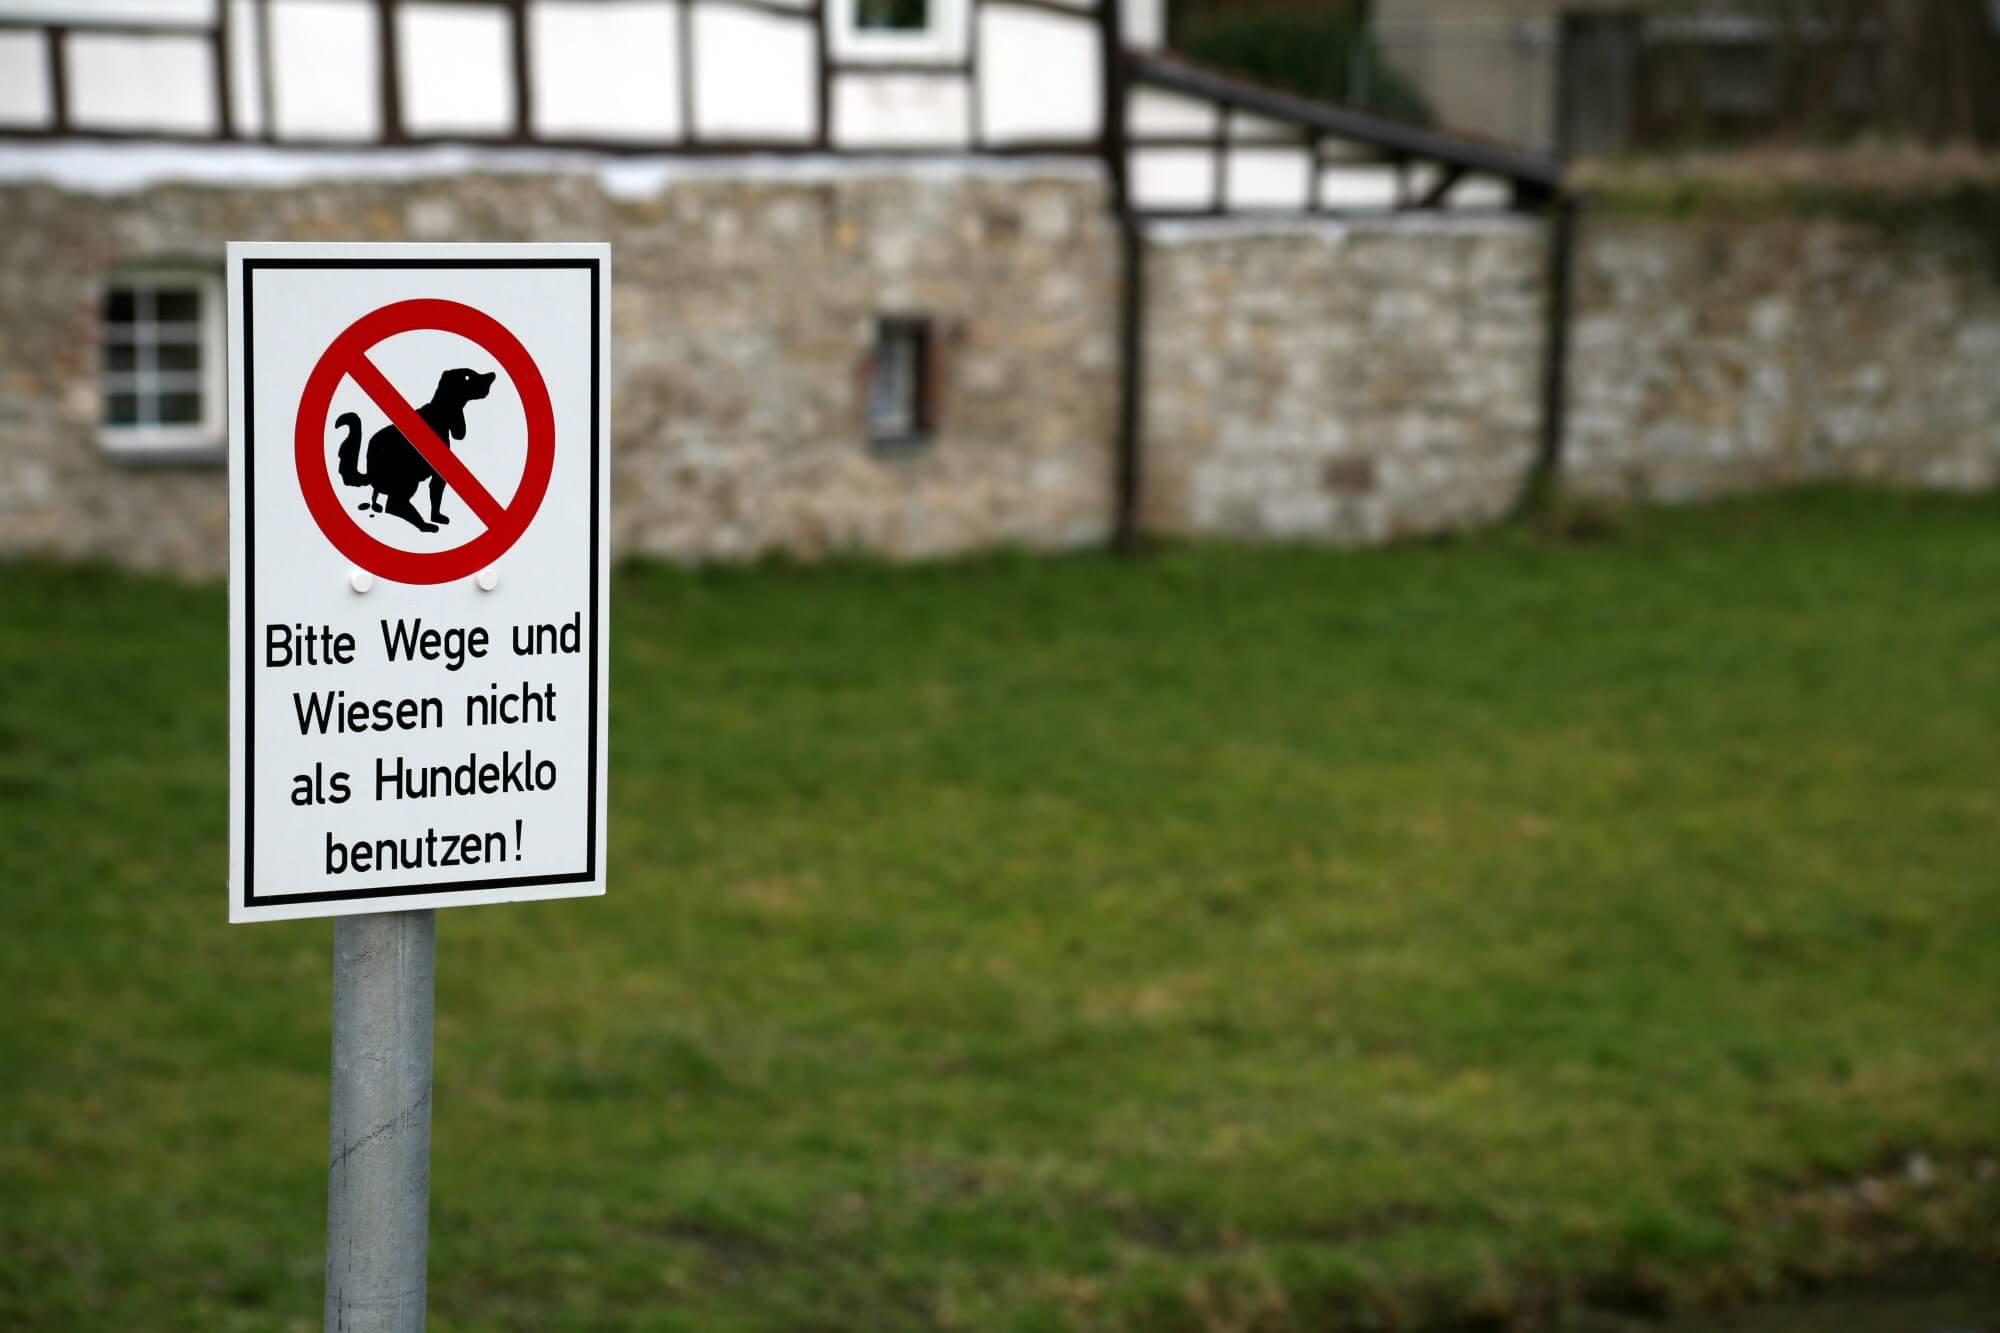 Arbeitsschutz auf Grünanlagen – Hundekot als Gefährdung